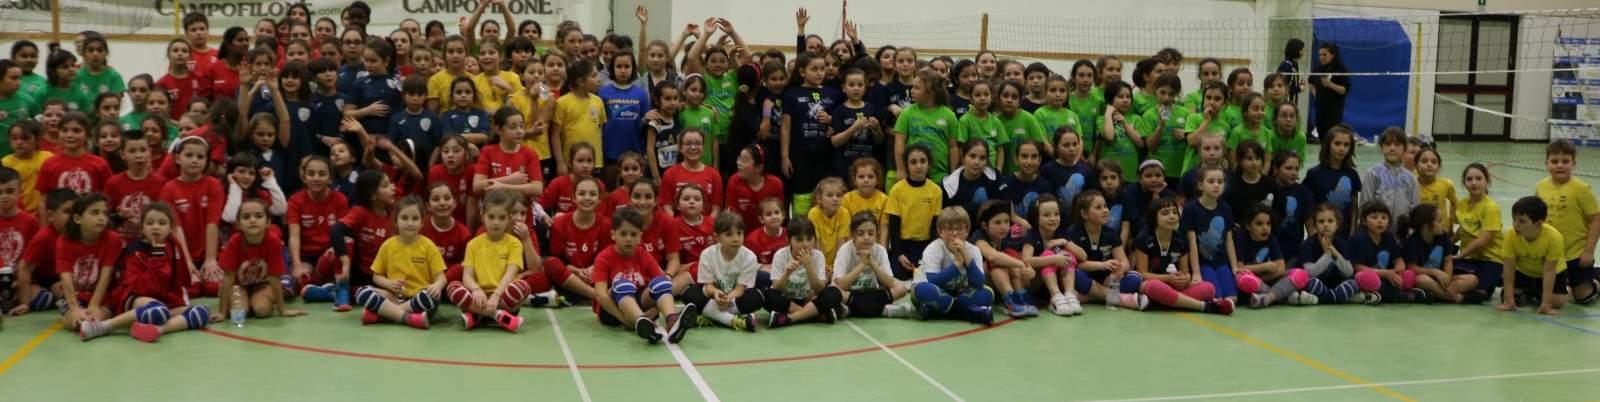 Giocavolley con oltre 100 squadre di 14 società a Fermo